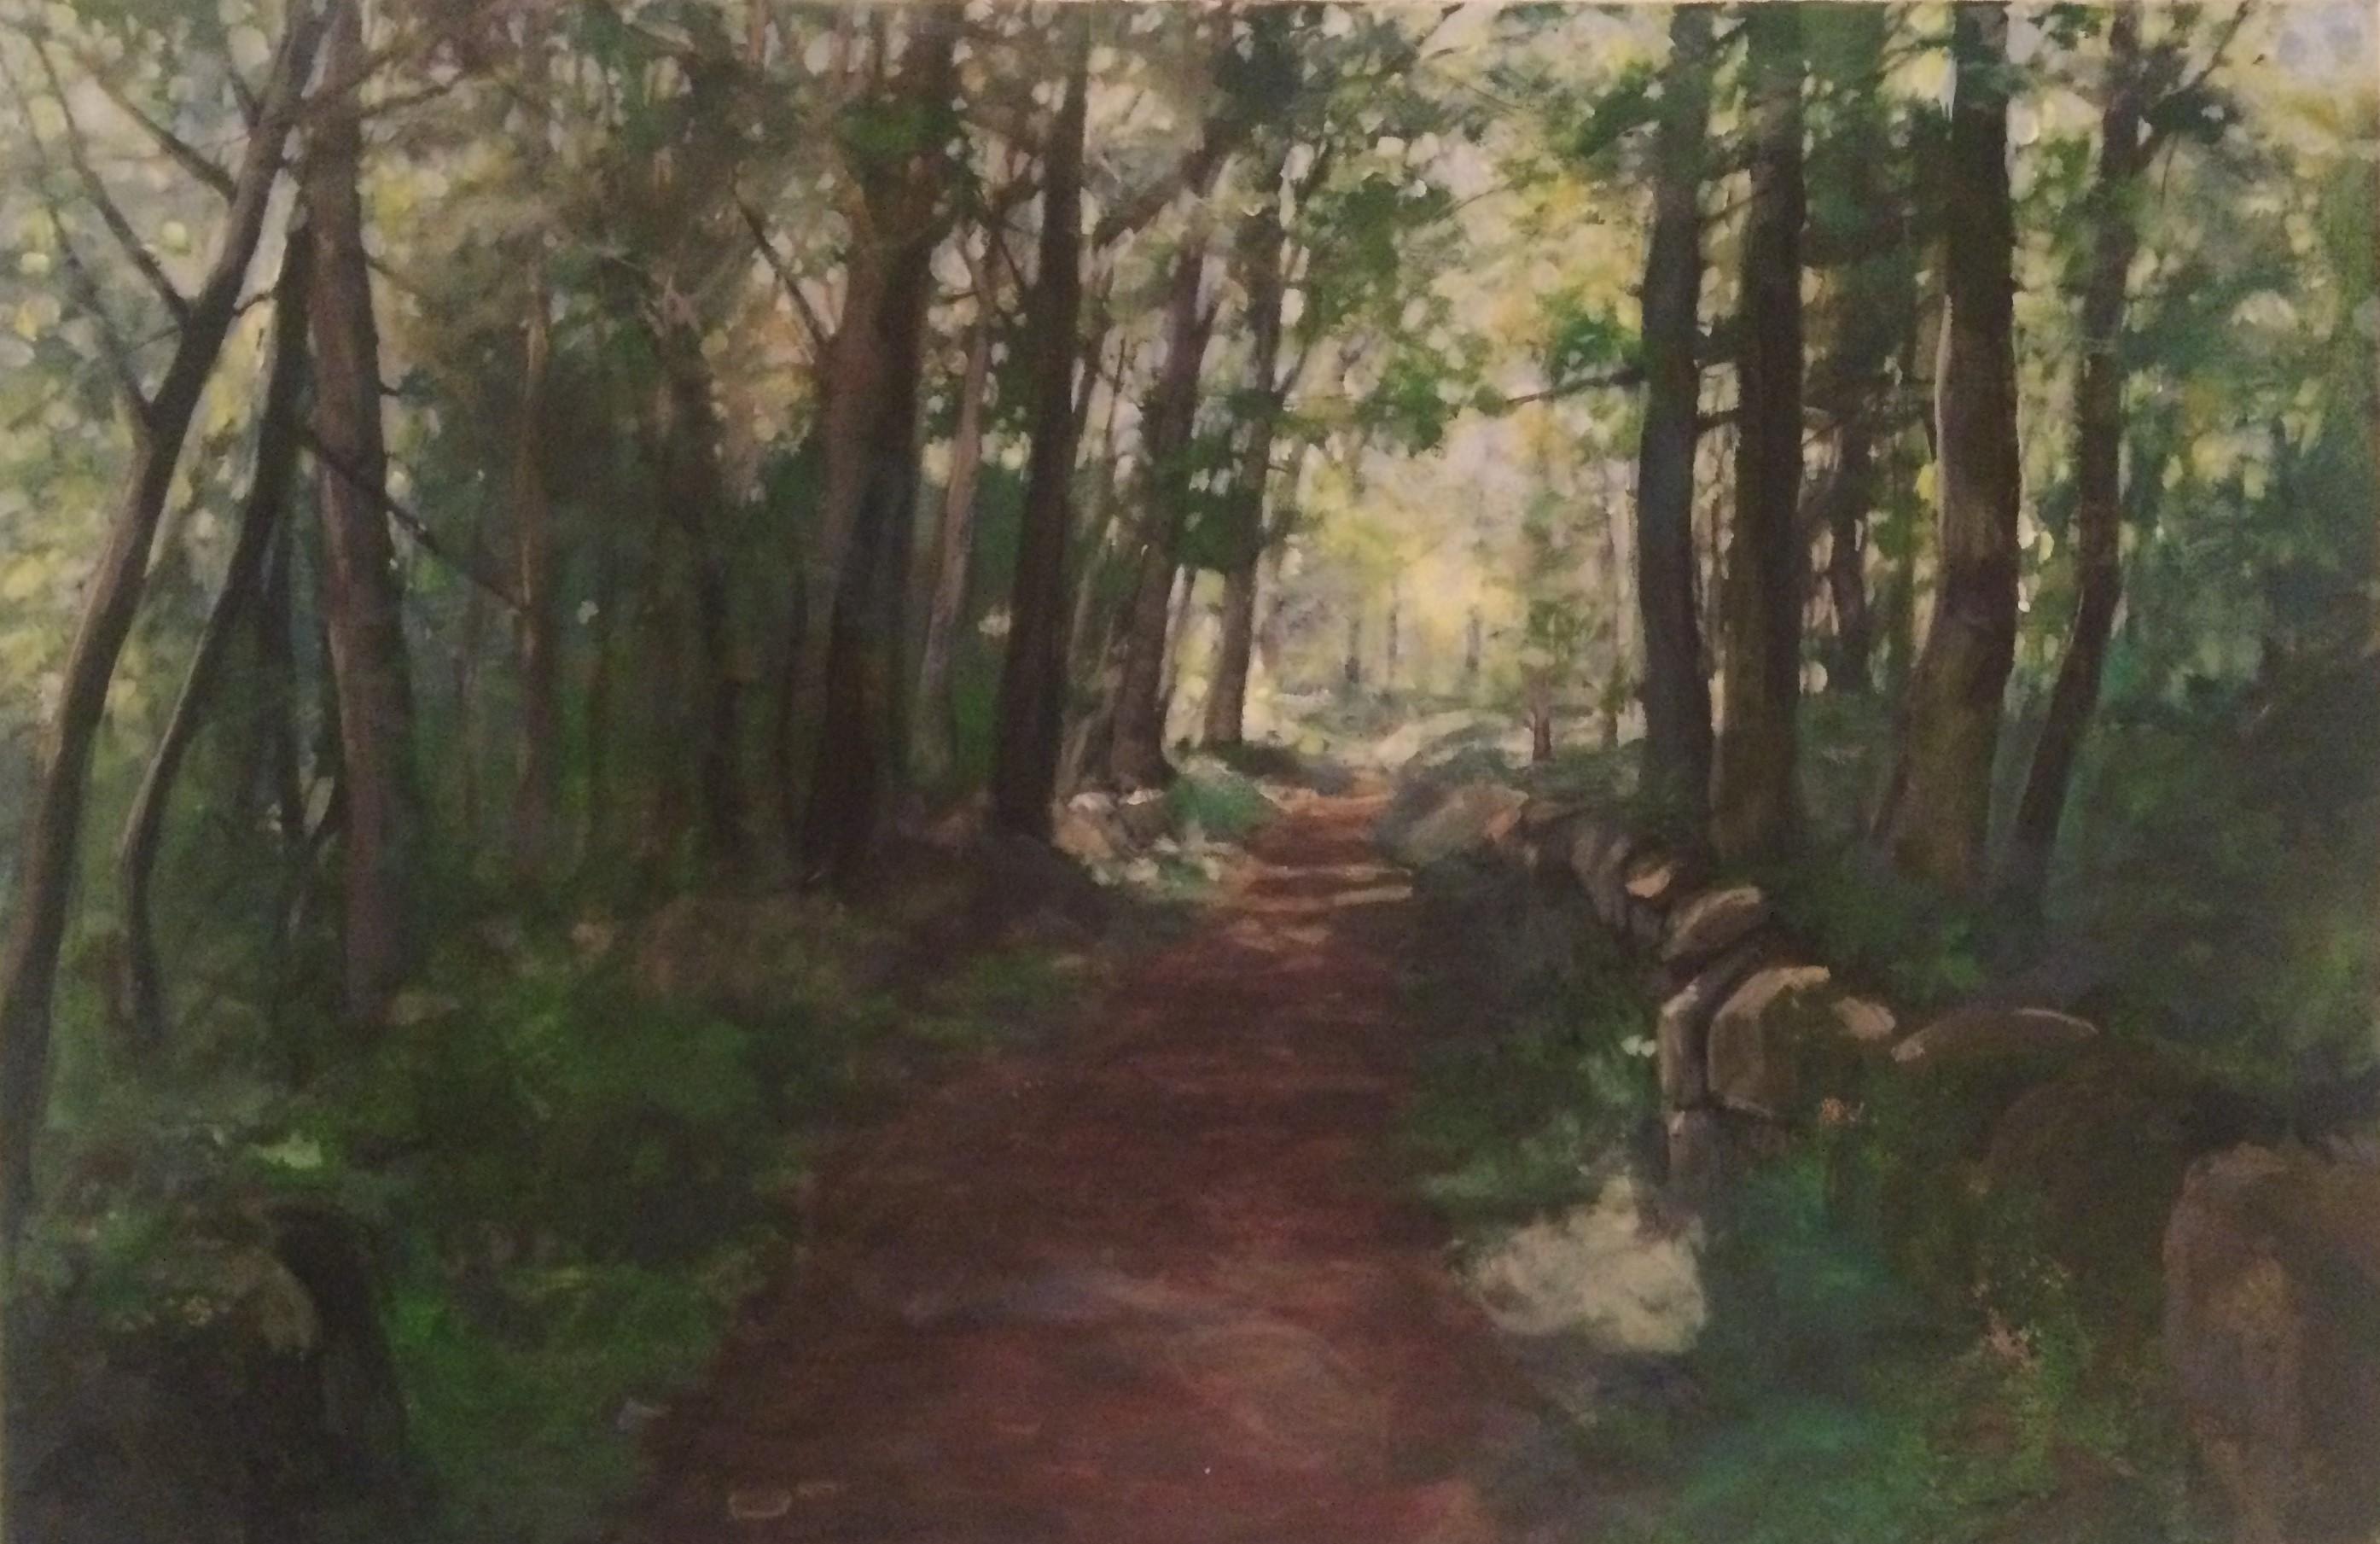 Creativity in Coombe - Lynne Clarke